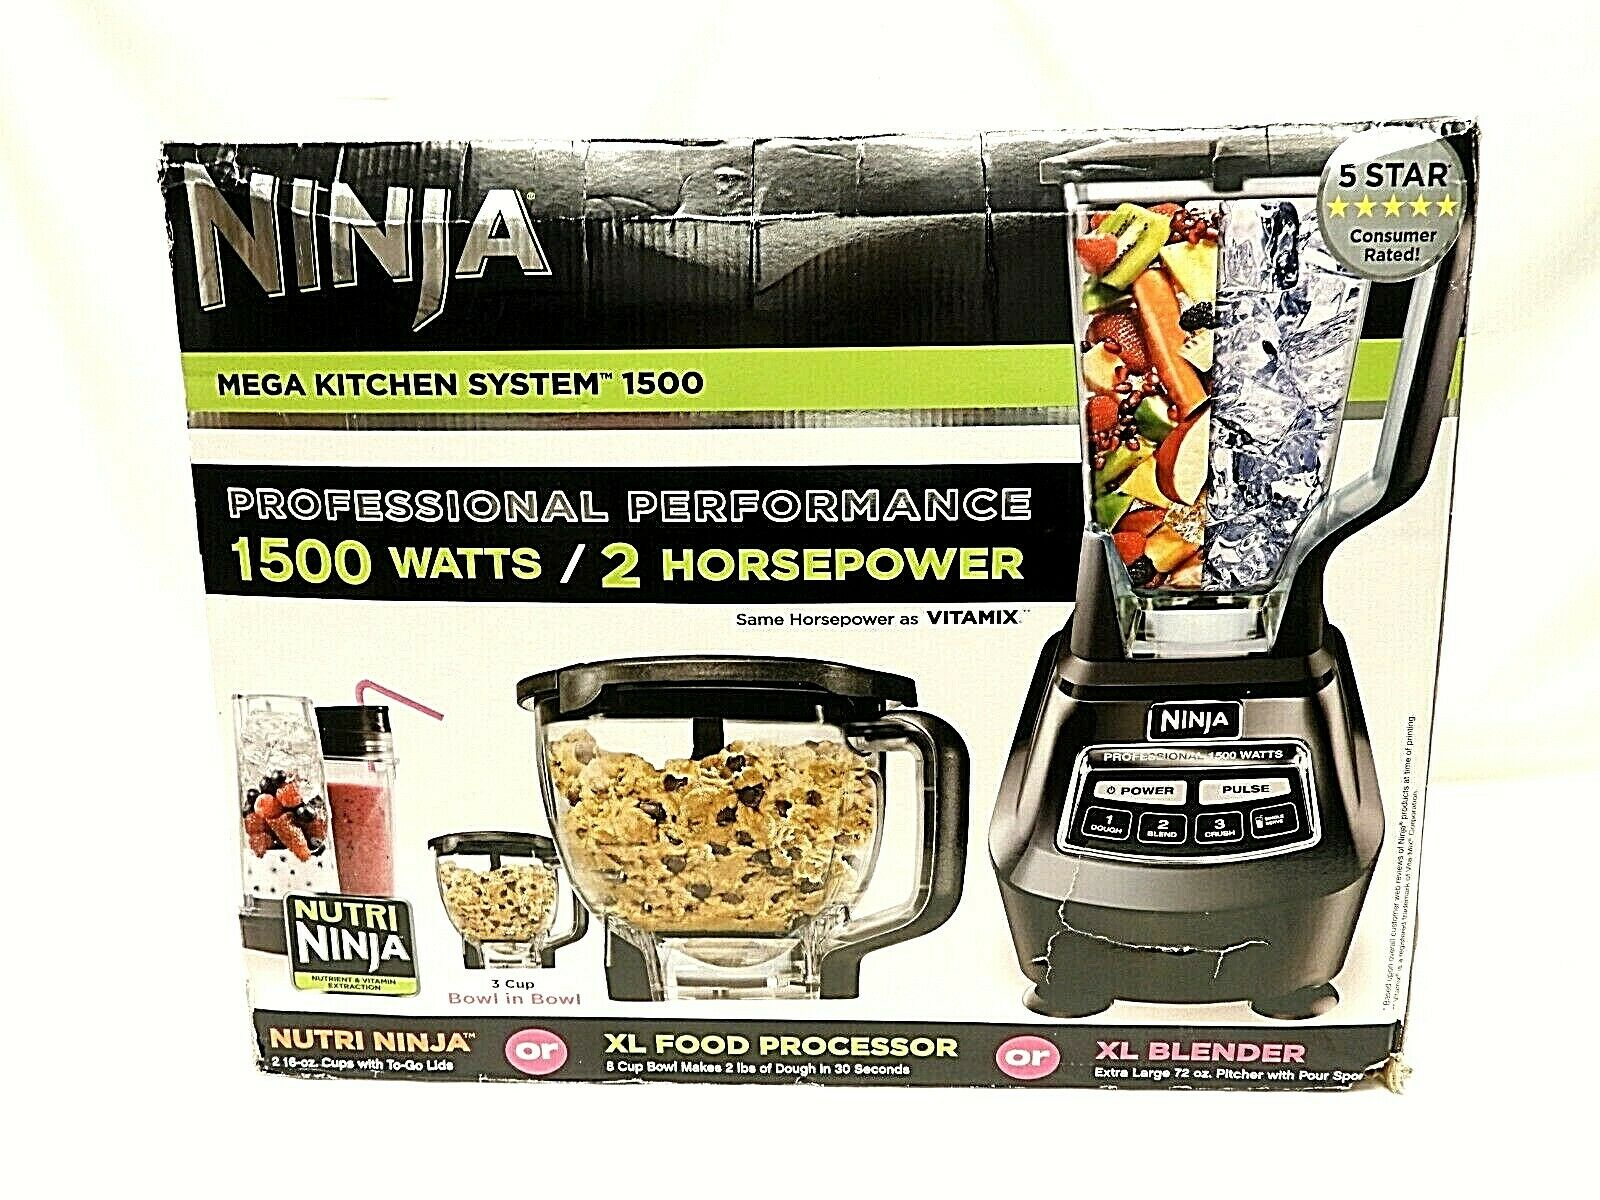 NINJA MEGA KITCHEN SYSTEM BL771 30 1500 WATT PROFESSIONAL PERFORMANCE *